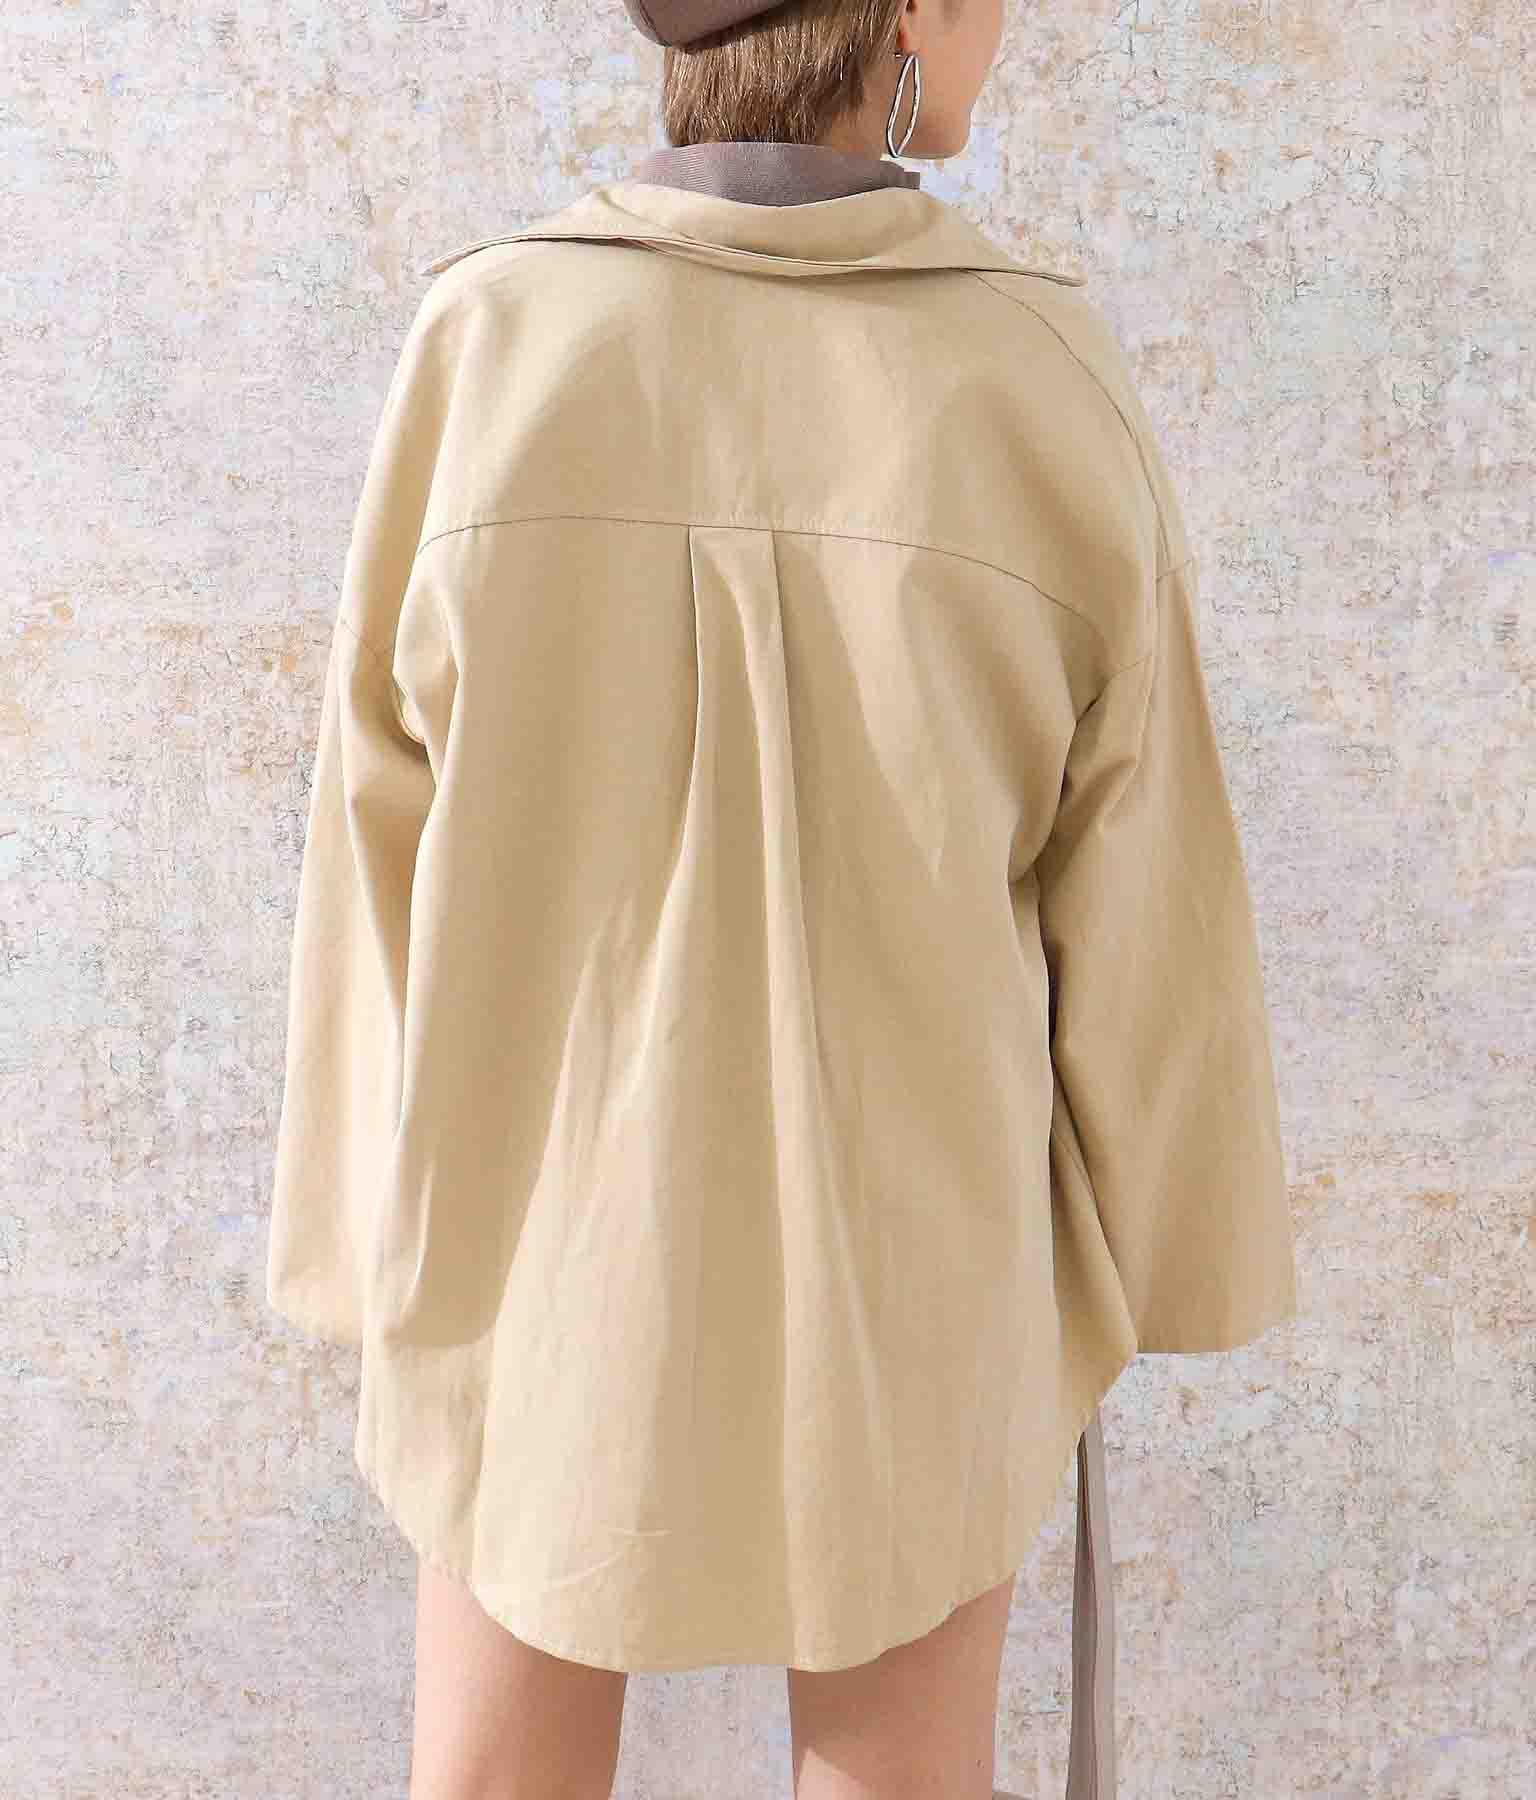 ビッグシャツセットアップ(トップス/シャツ・ブラウス・ショートパンツ)   ANAP